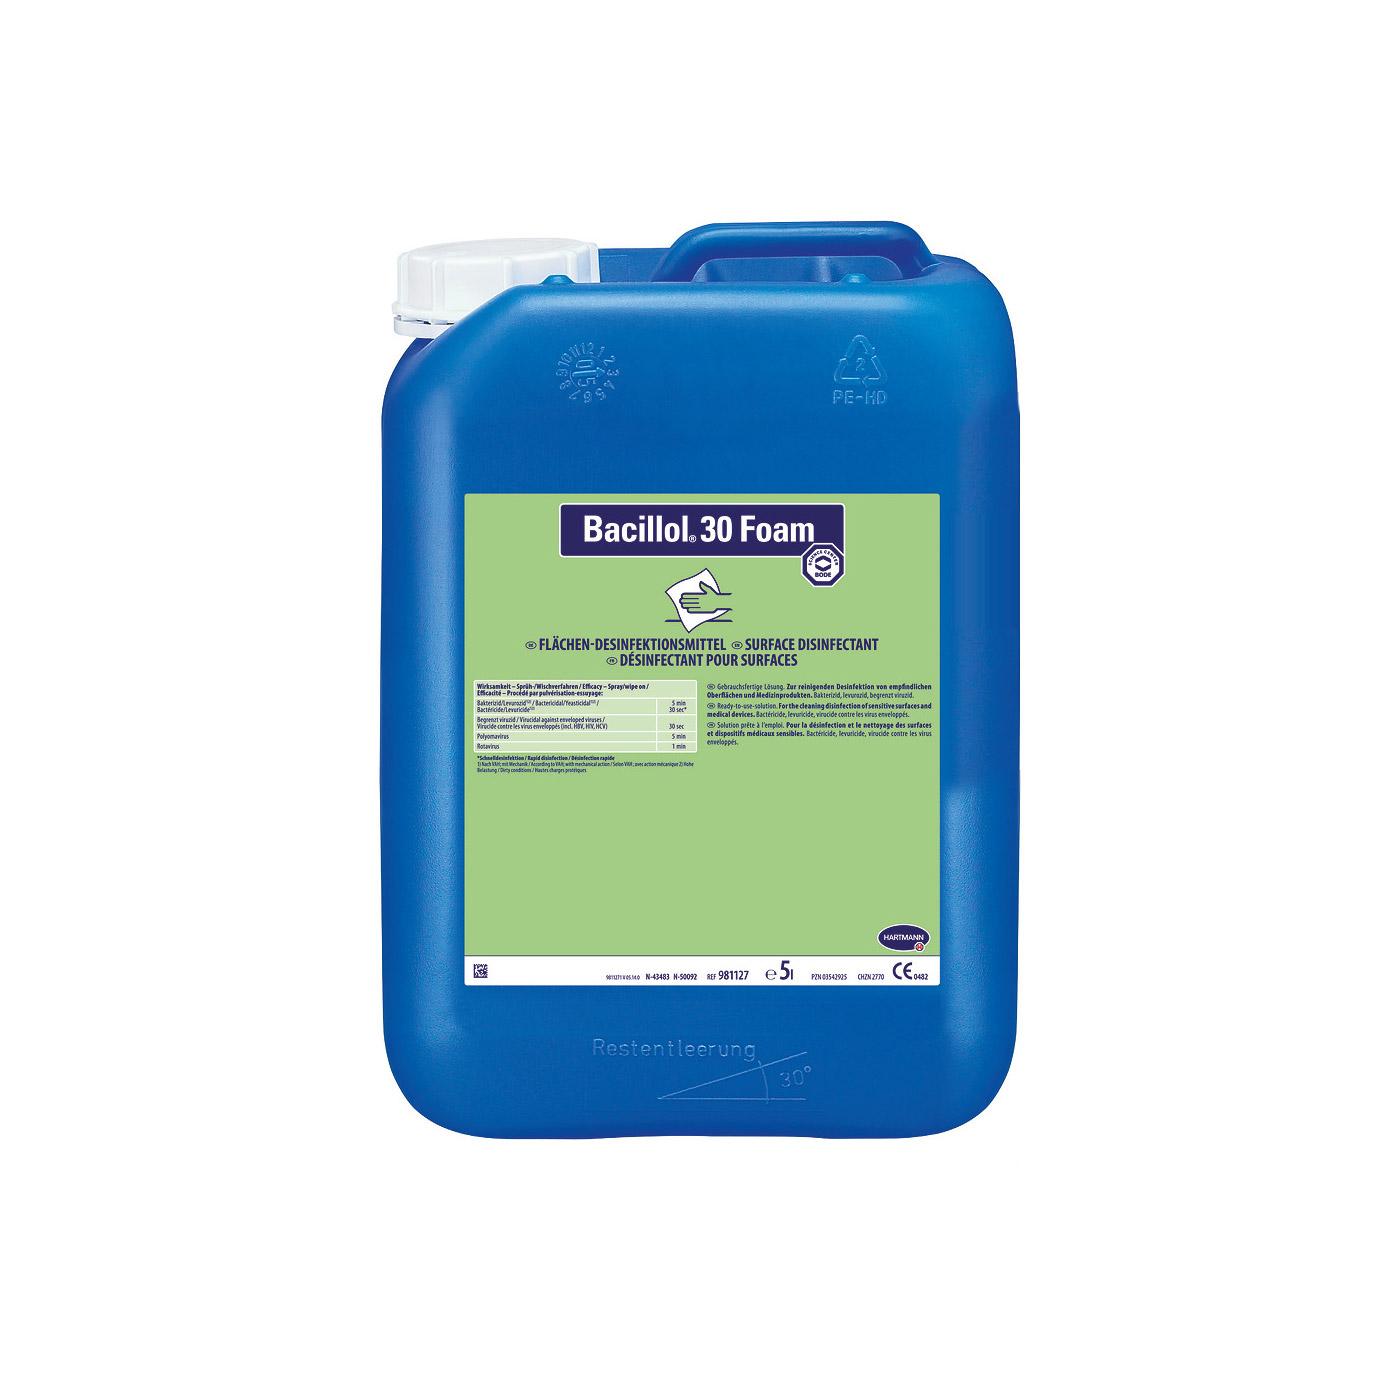 Bacillol® 30 Foam, 5 Liter Kanister